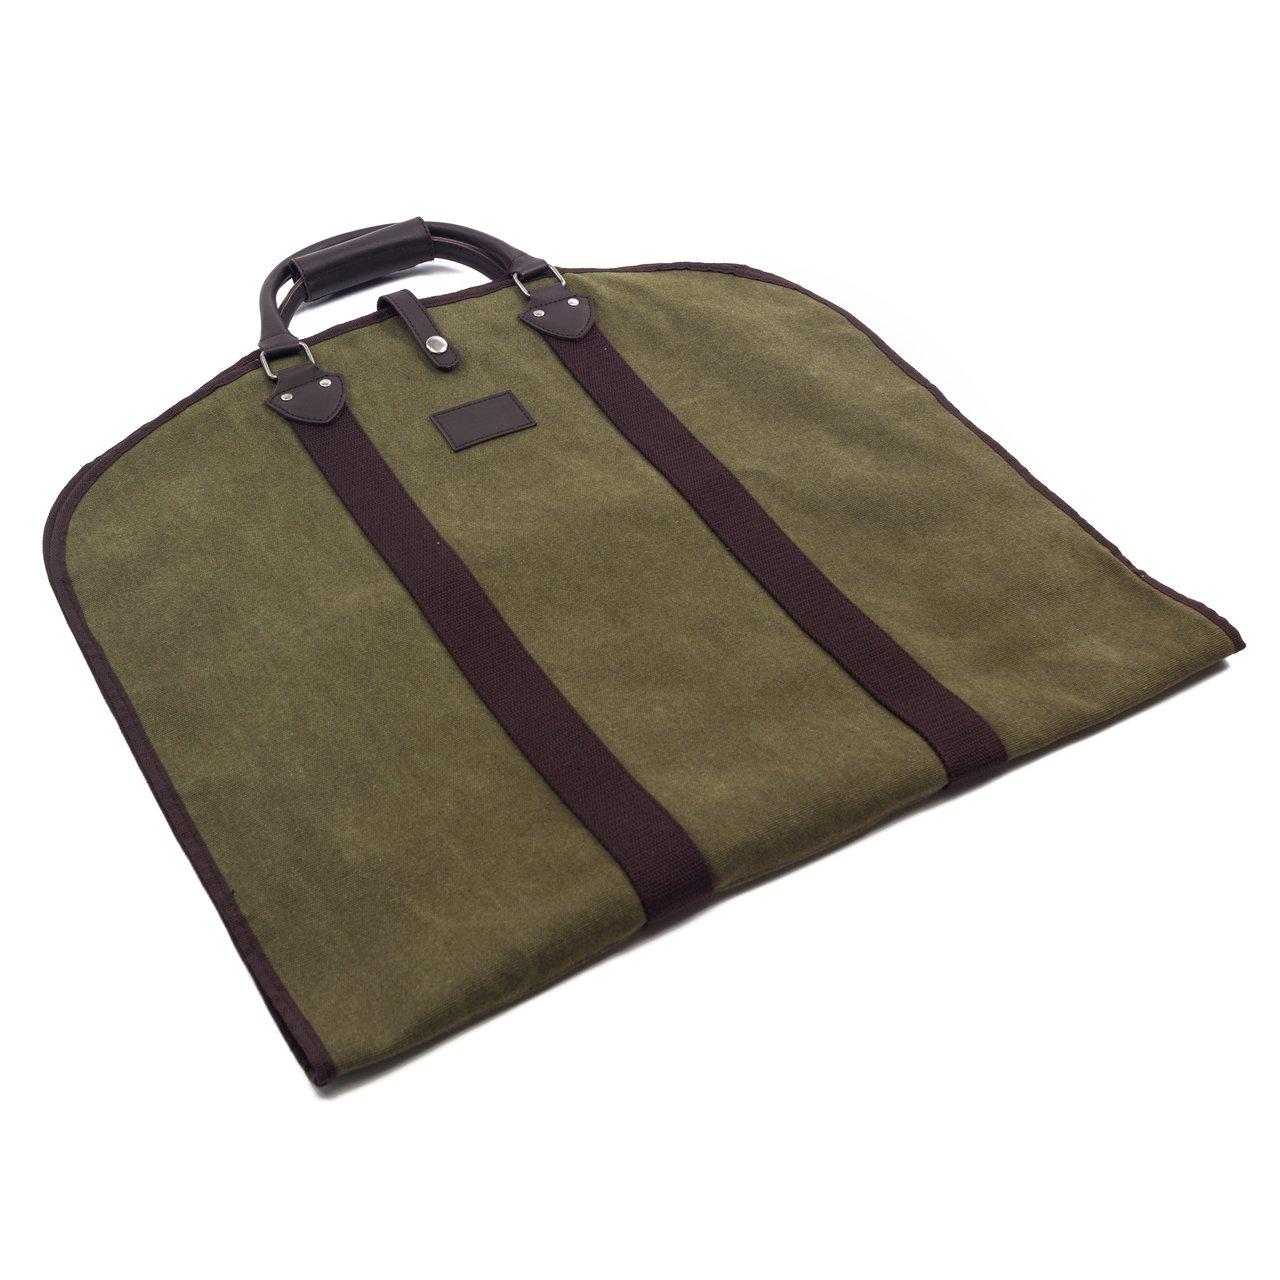 Excursion Garment Bag in Olive